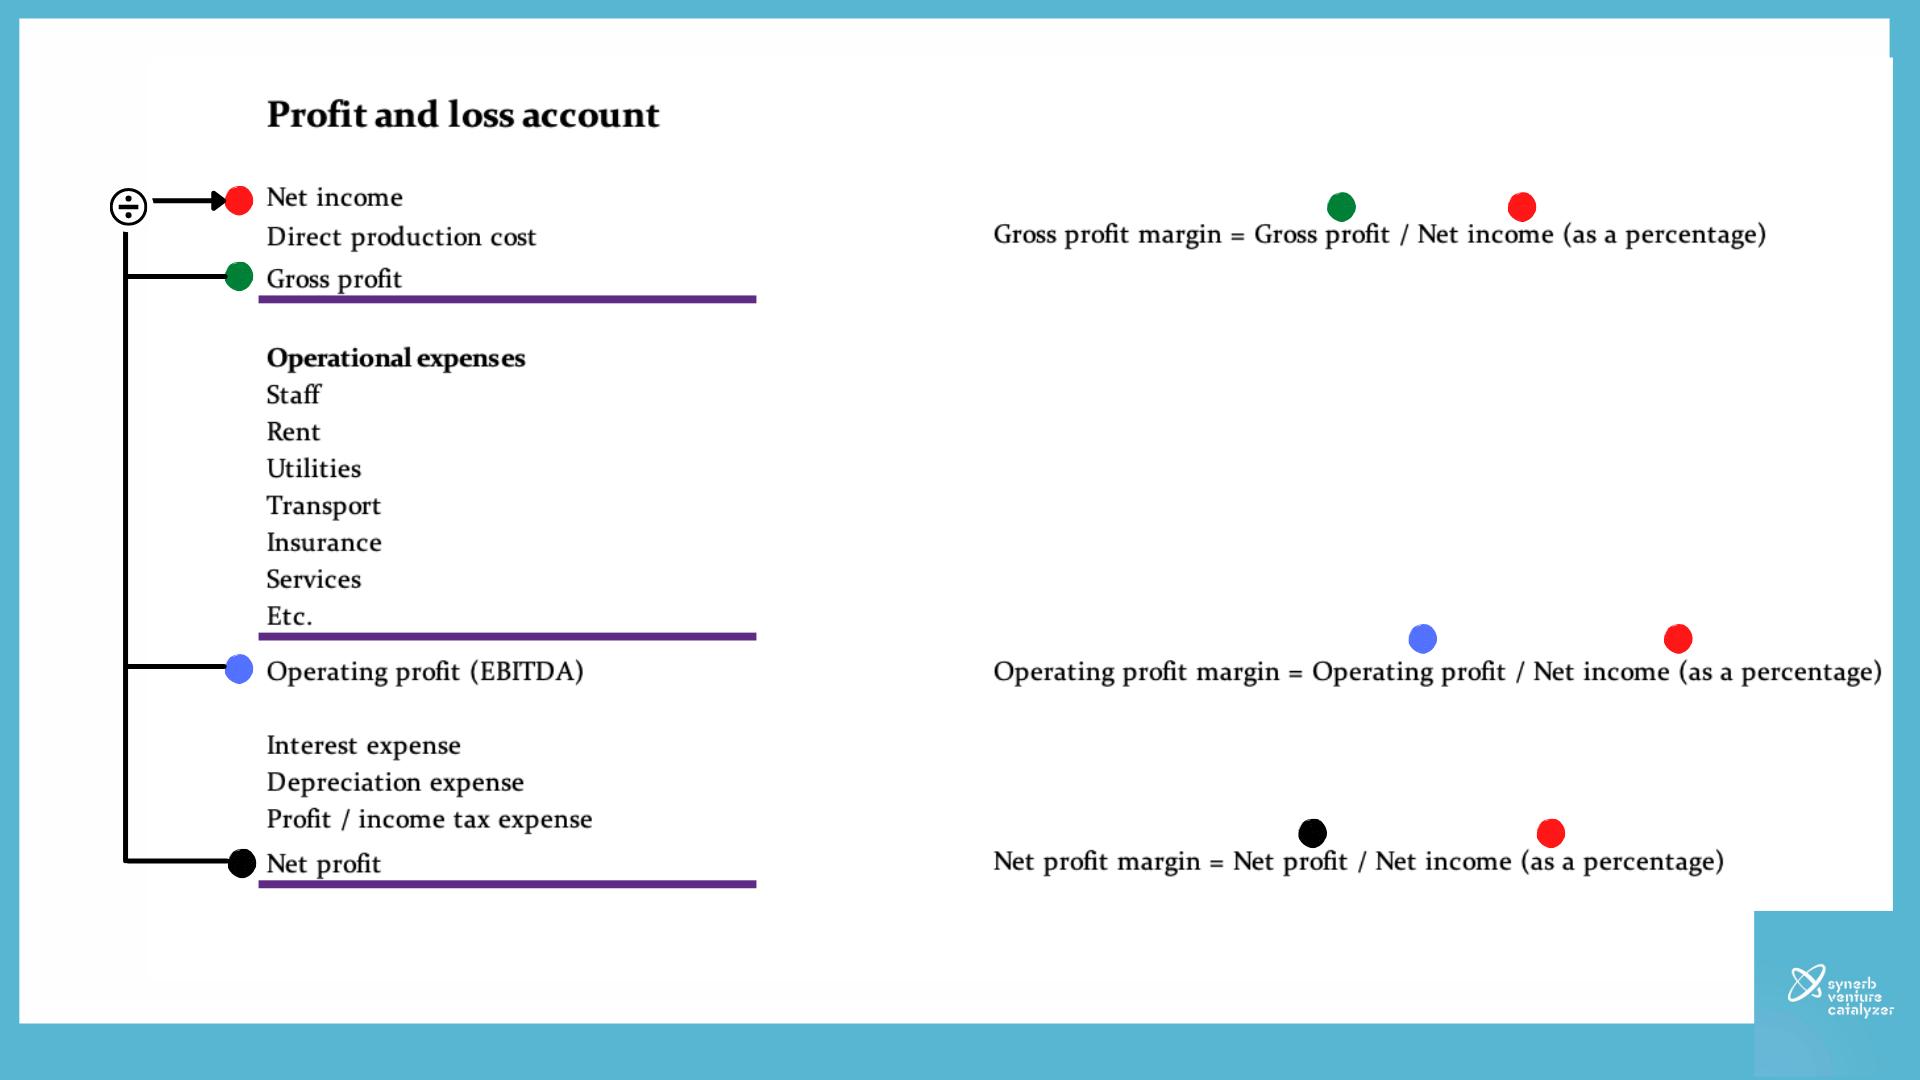 Social Enteprise Financial Model P L Synerb